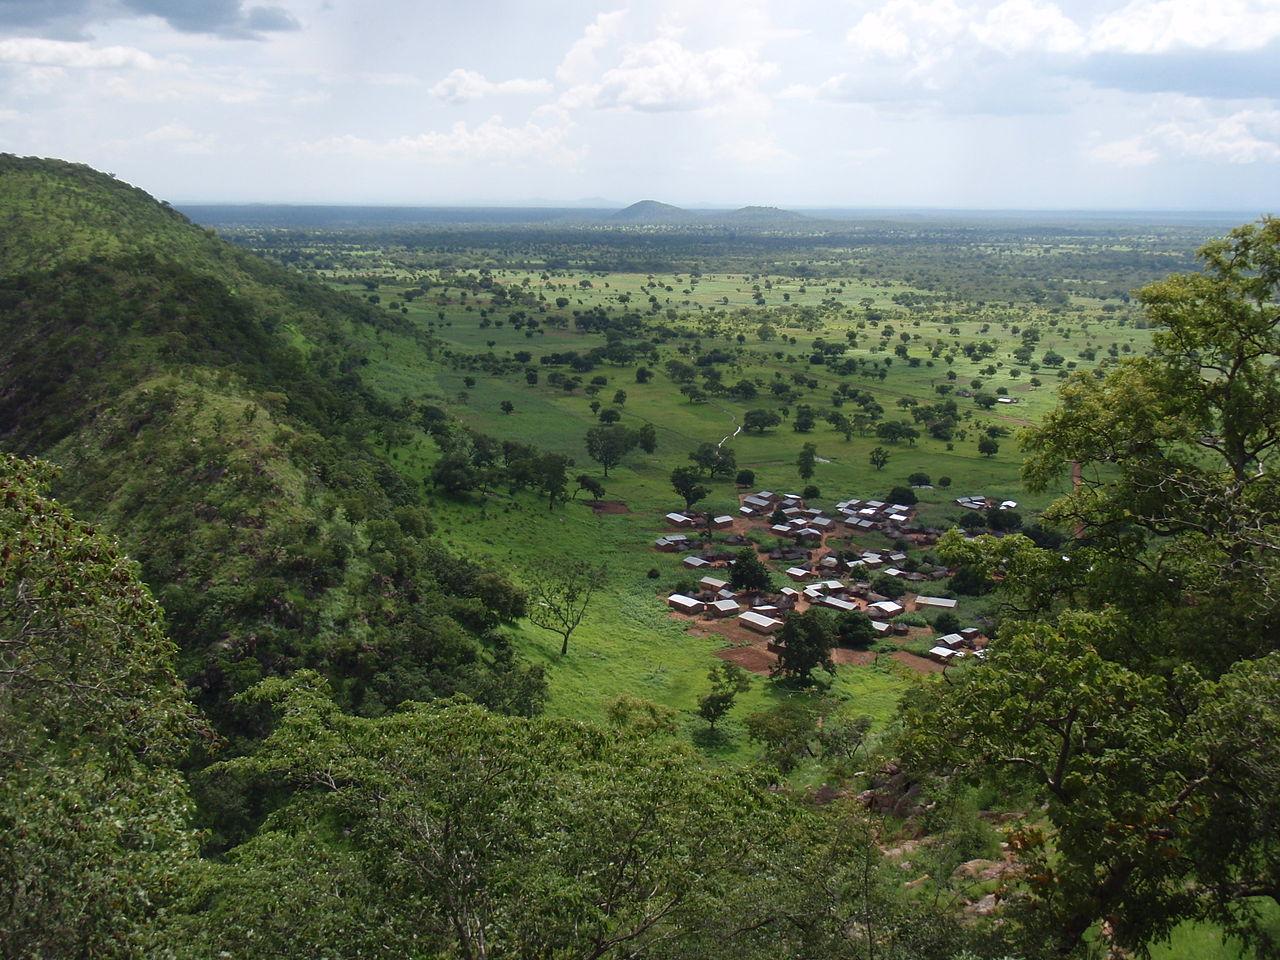 Vue depuis les montagnes de l'Atakora, nord du Bénin